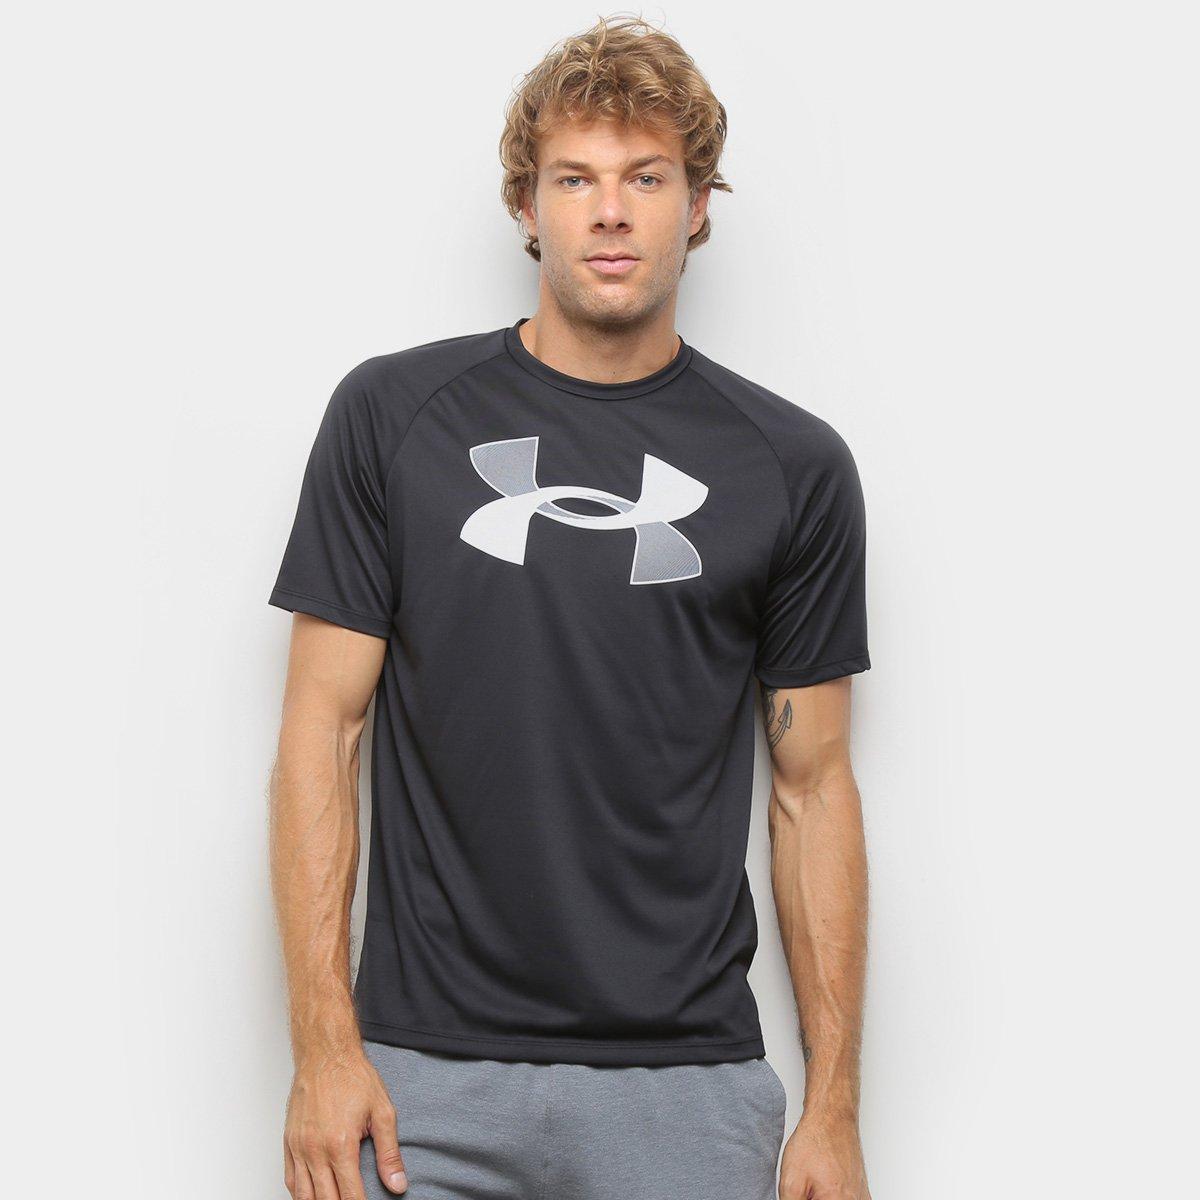 No es suficiente A pie fiesta  Camiseta Under Armour Graphic Masculina - Preto e Cinza | Netshoes